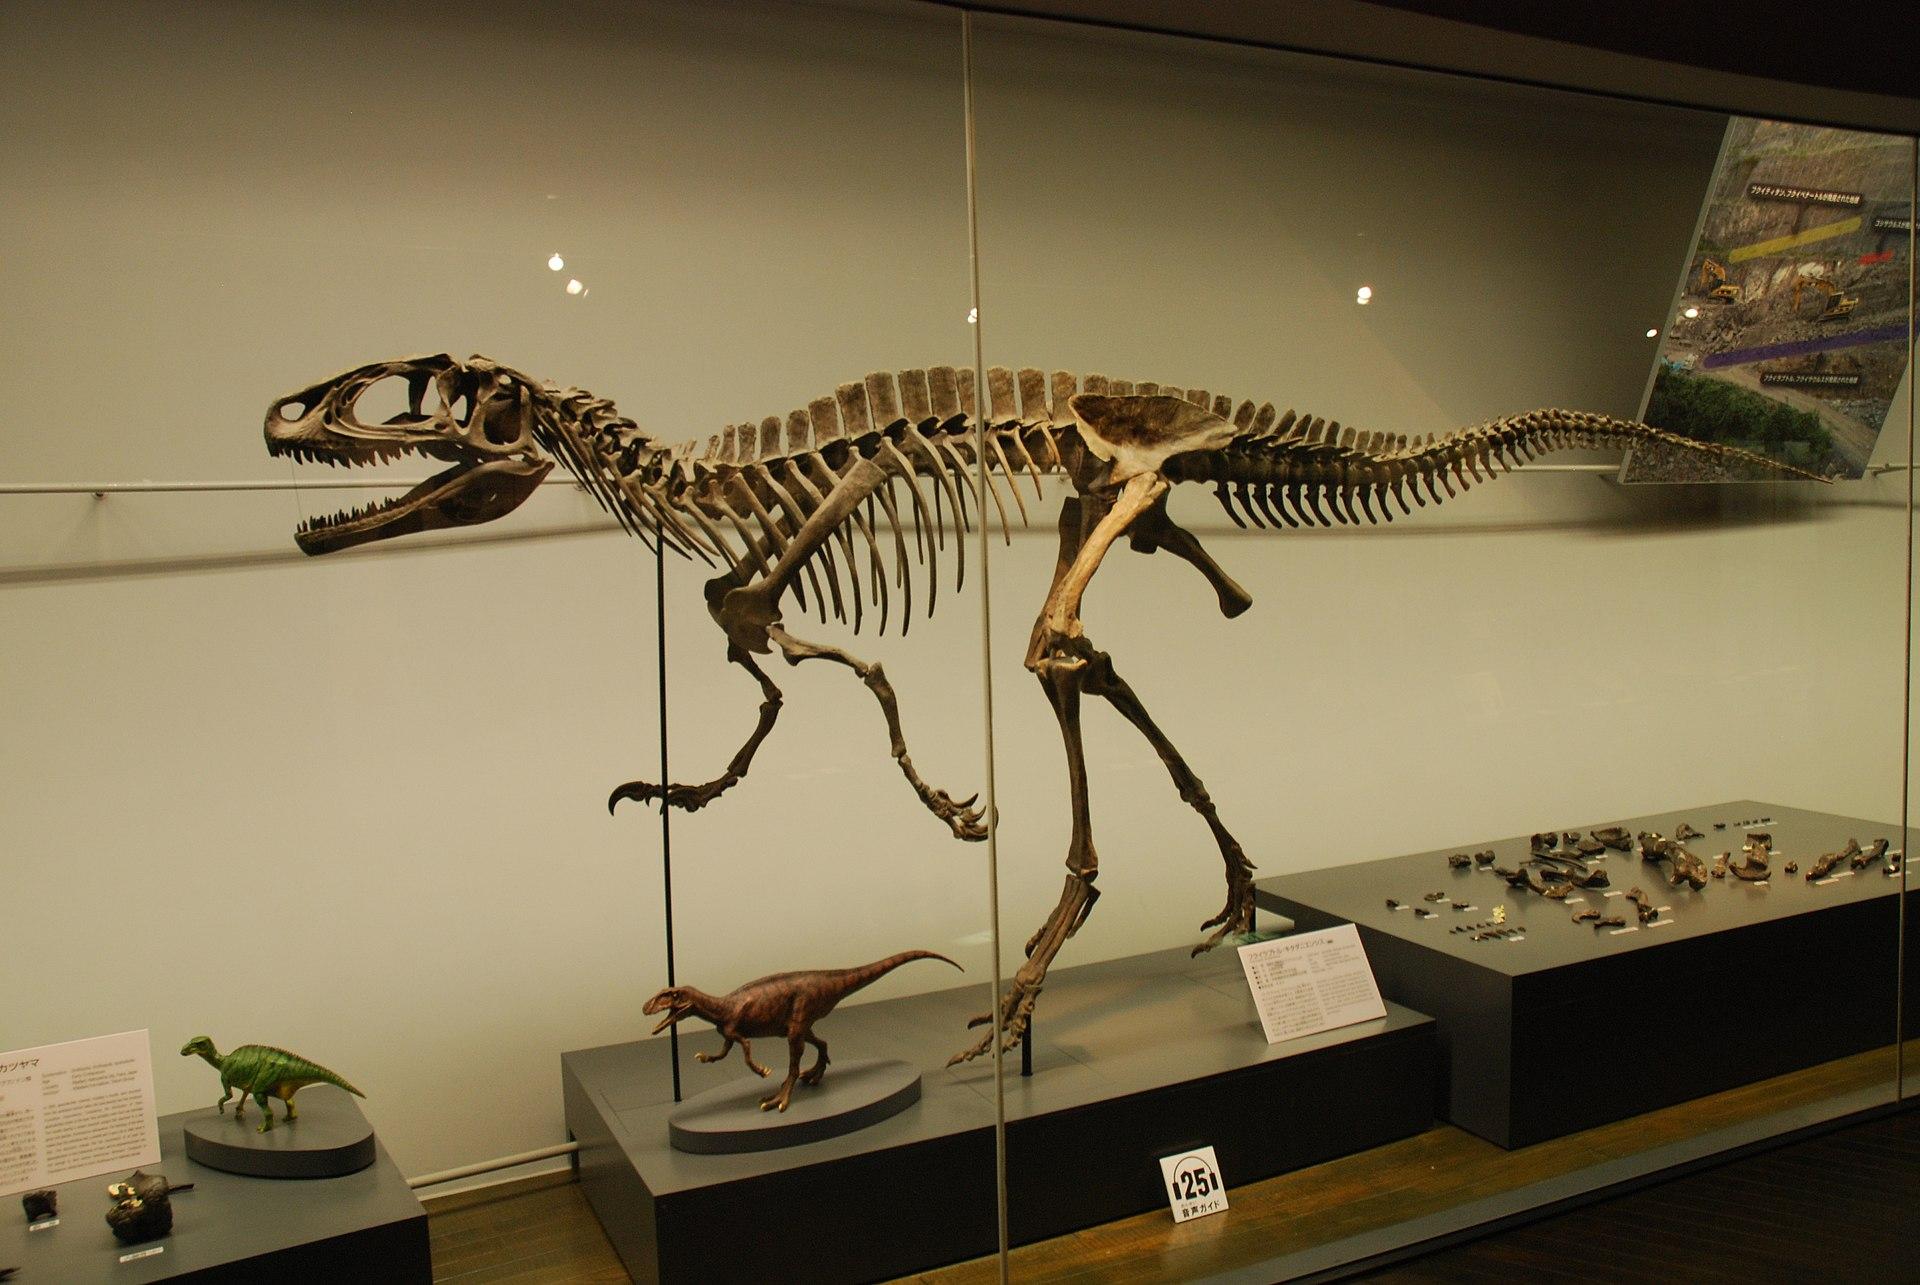 Rekonstrukce kostry typového exempláře japonského teropoda druhu Fukuiraptor kitadaniensis. Tento menší, asi 4 až 5 metrů dlouhý dravec náležel nejspíš do kladu Megaraptora a jeho blízkým příbuzným tak mohl být například australský rod Australovenato